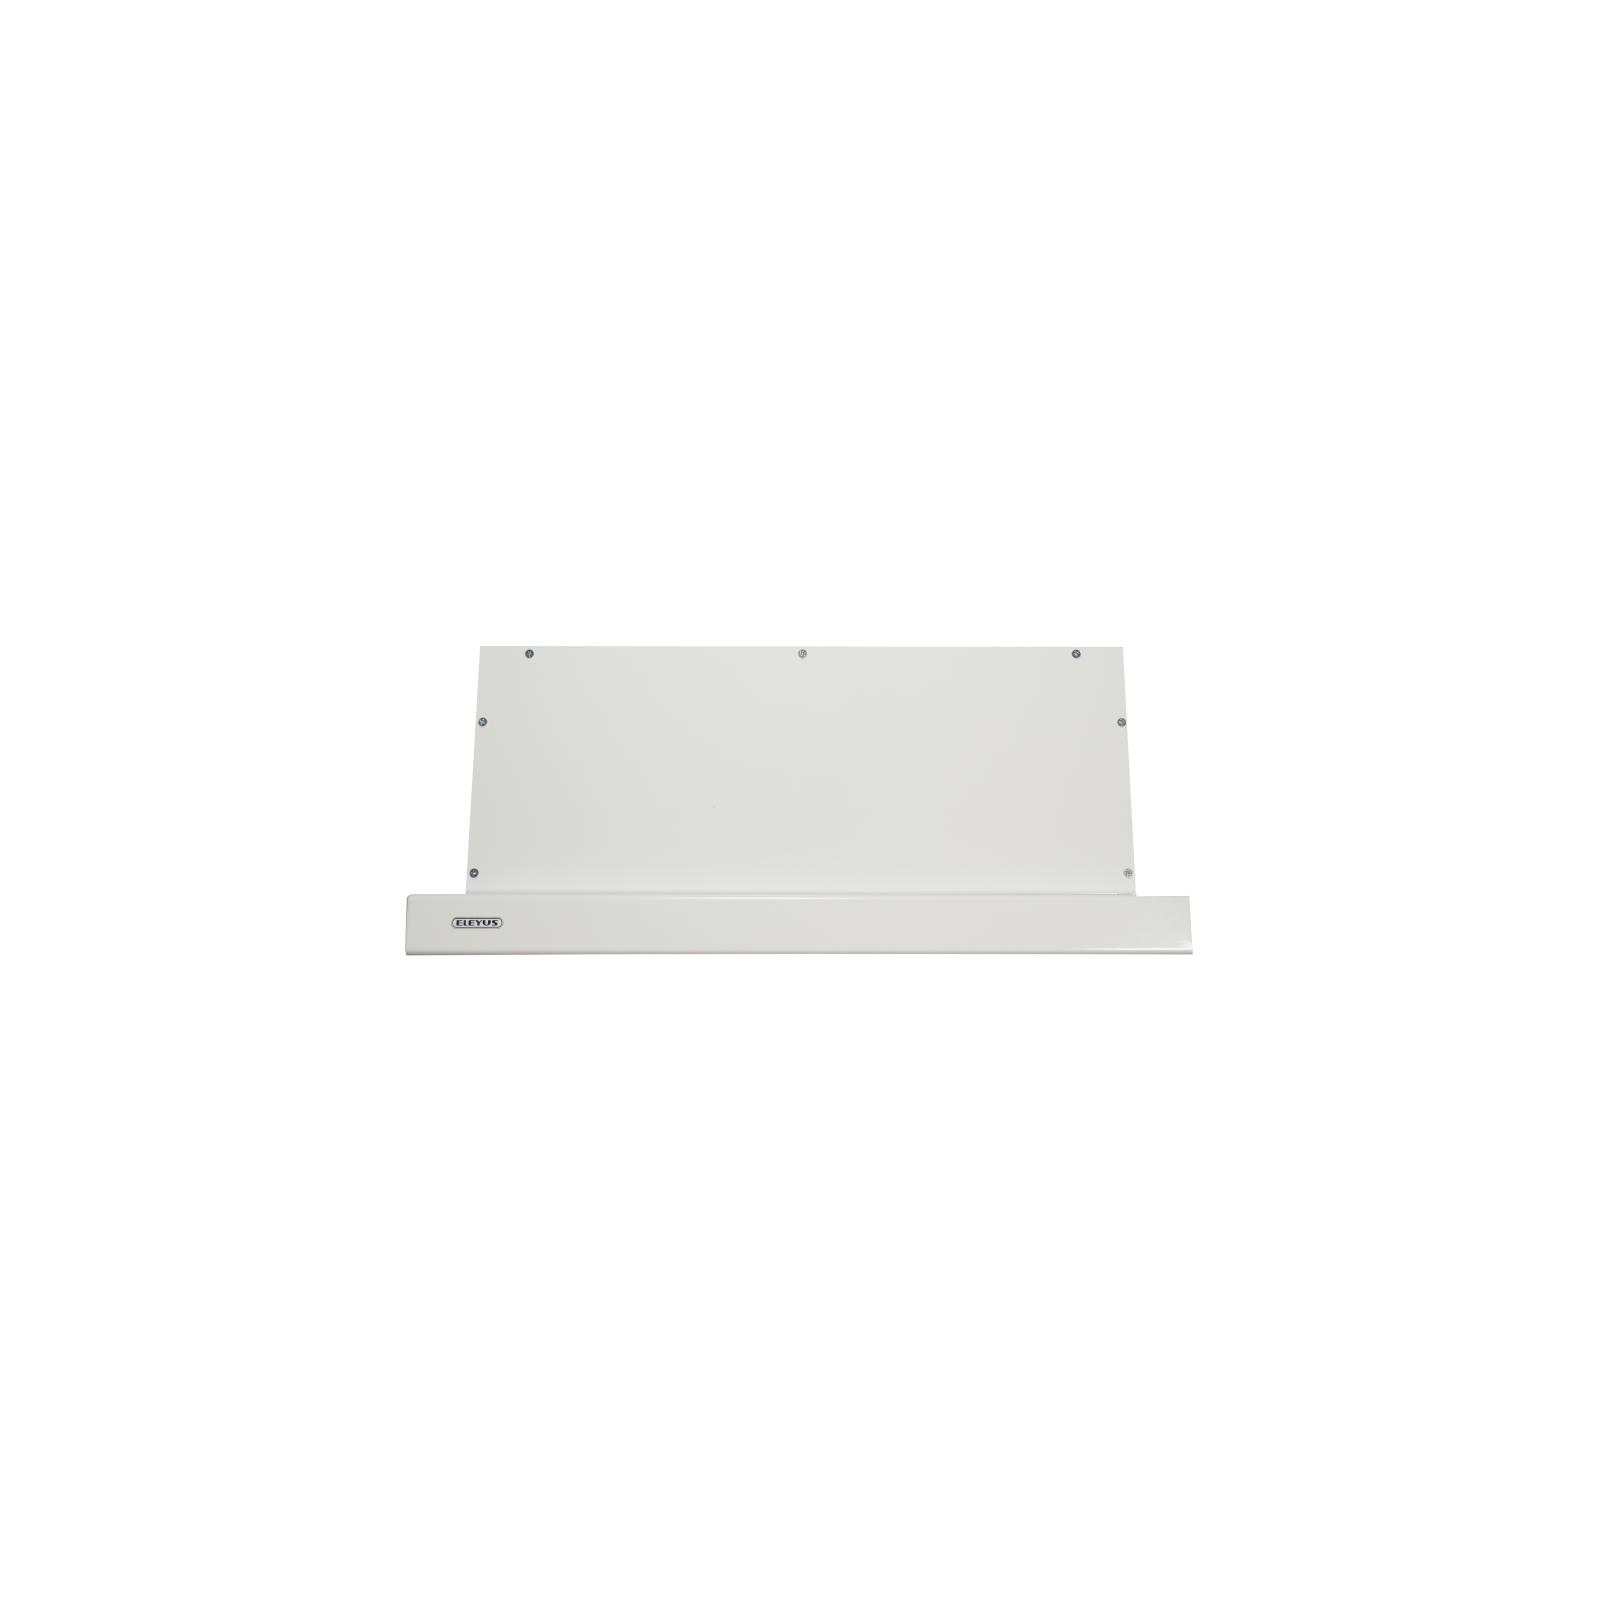 Вытяжка кухонная ELEYUS Storm 1200 LED 60 WH изображение 3